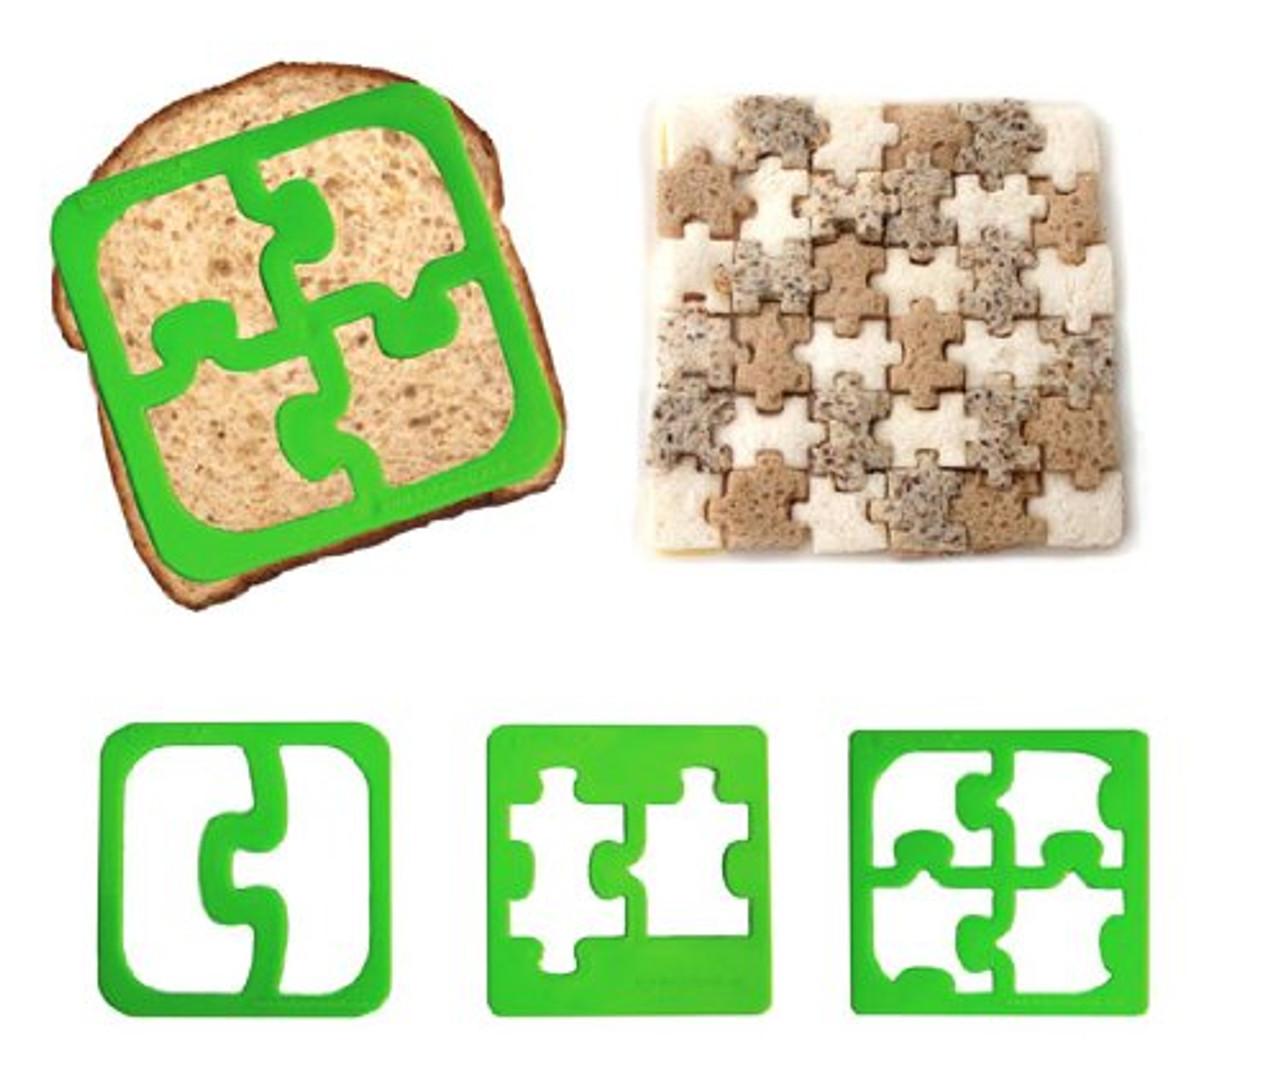 Lunchpunch Sandwich Cutter, Match & Munch (4-pack)